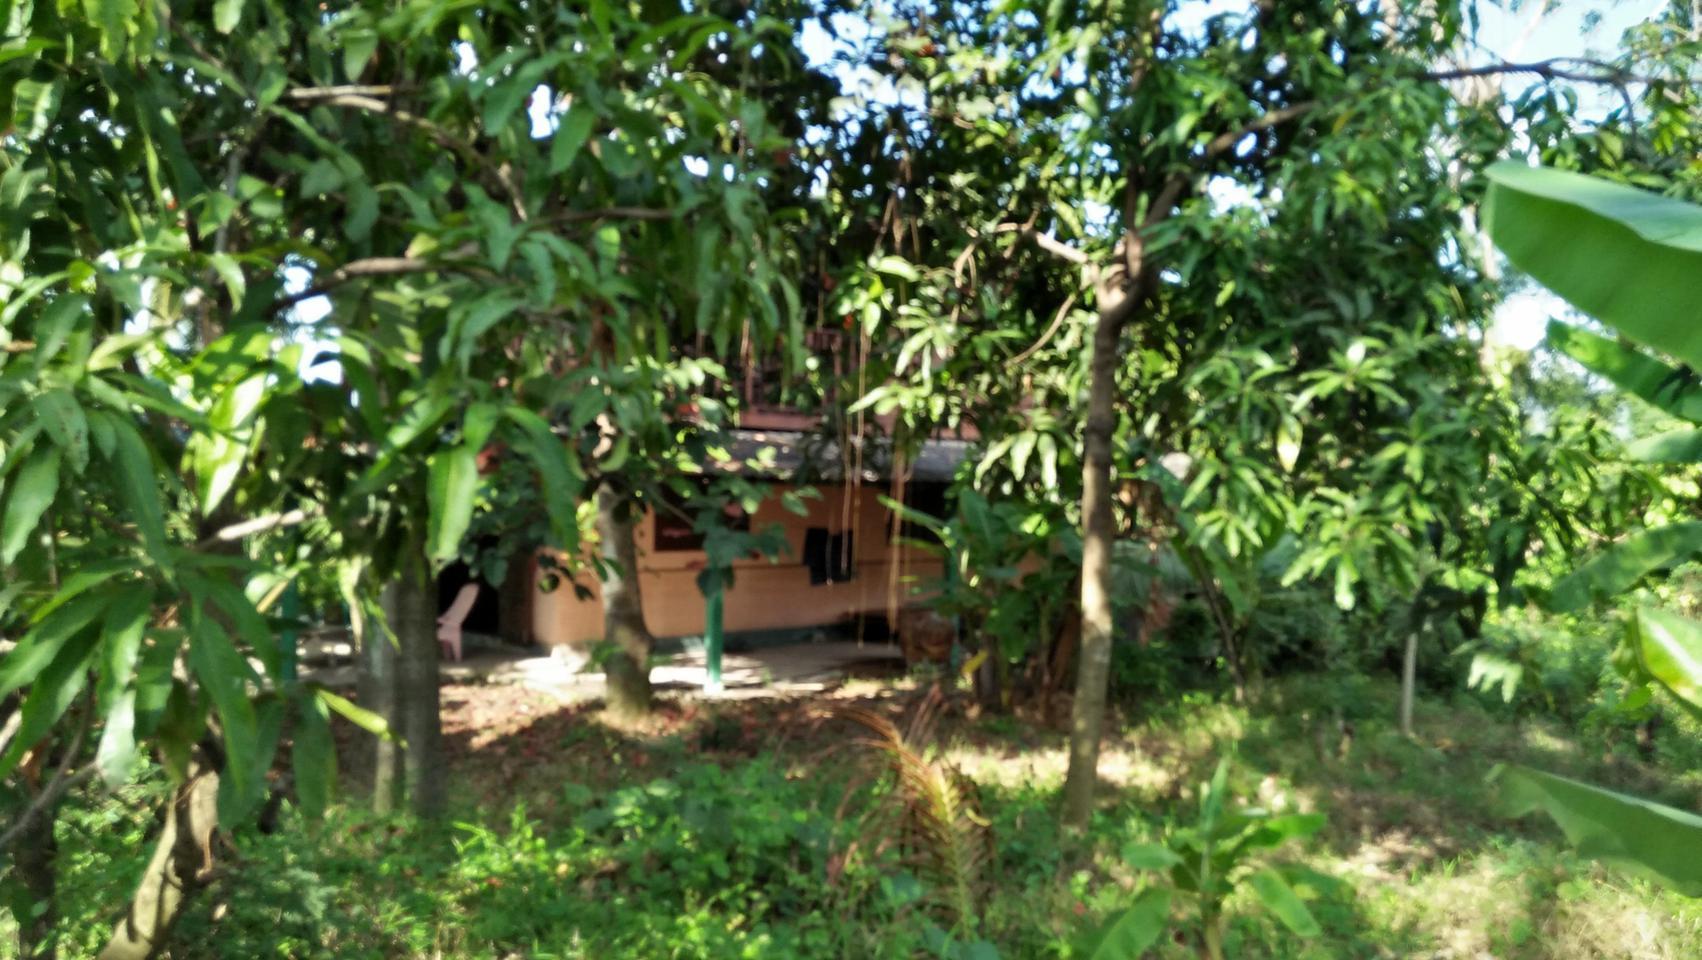 ที่ดินพร้อมบ้านเล็กๆสวนไร่กว่าใกล้แหล่งน้ำและเงียบสงบ ชานเมื รูปที่ 6